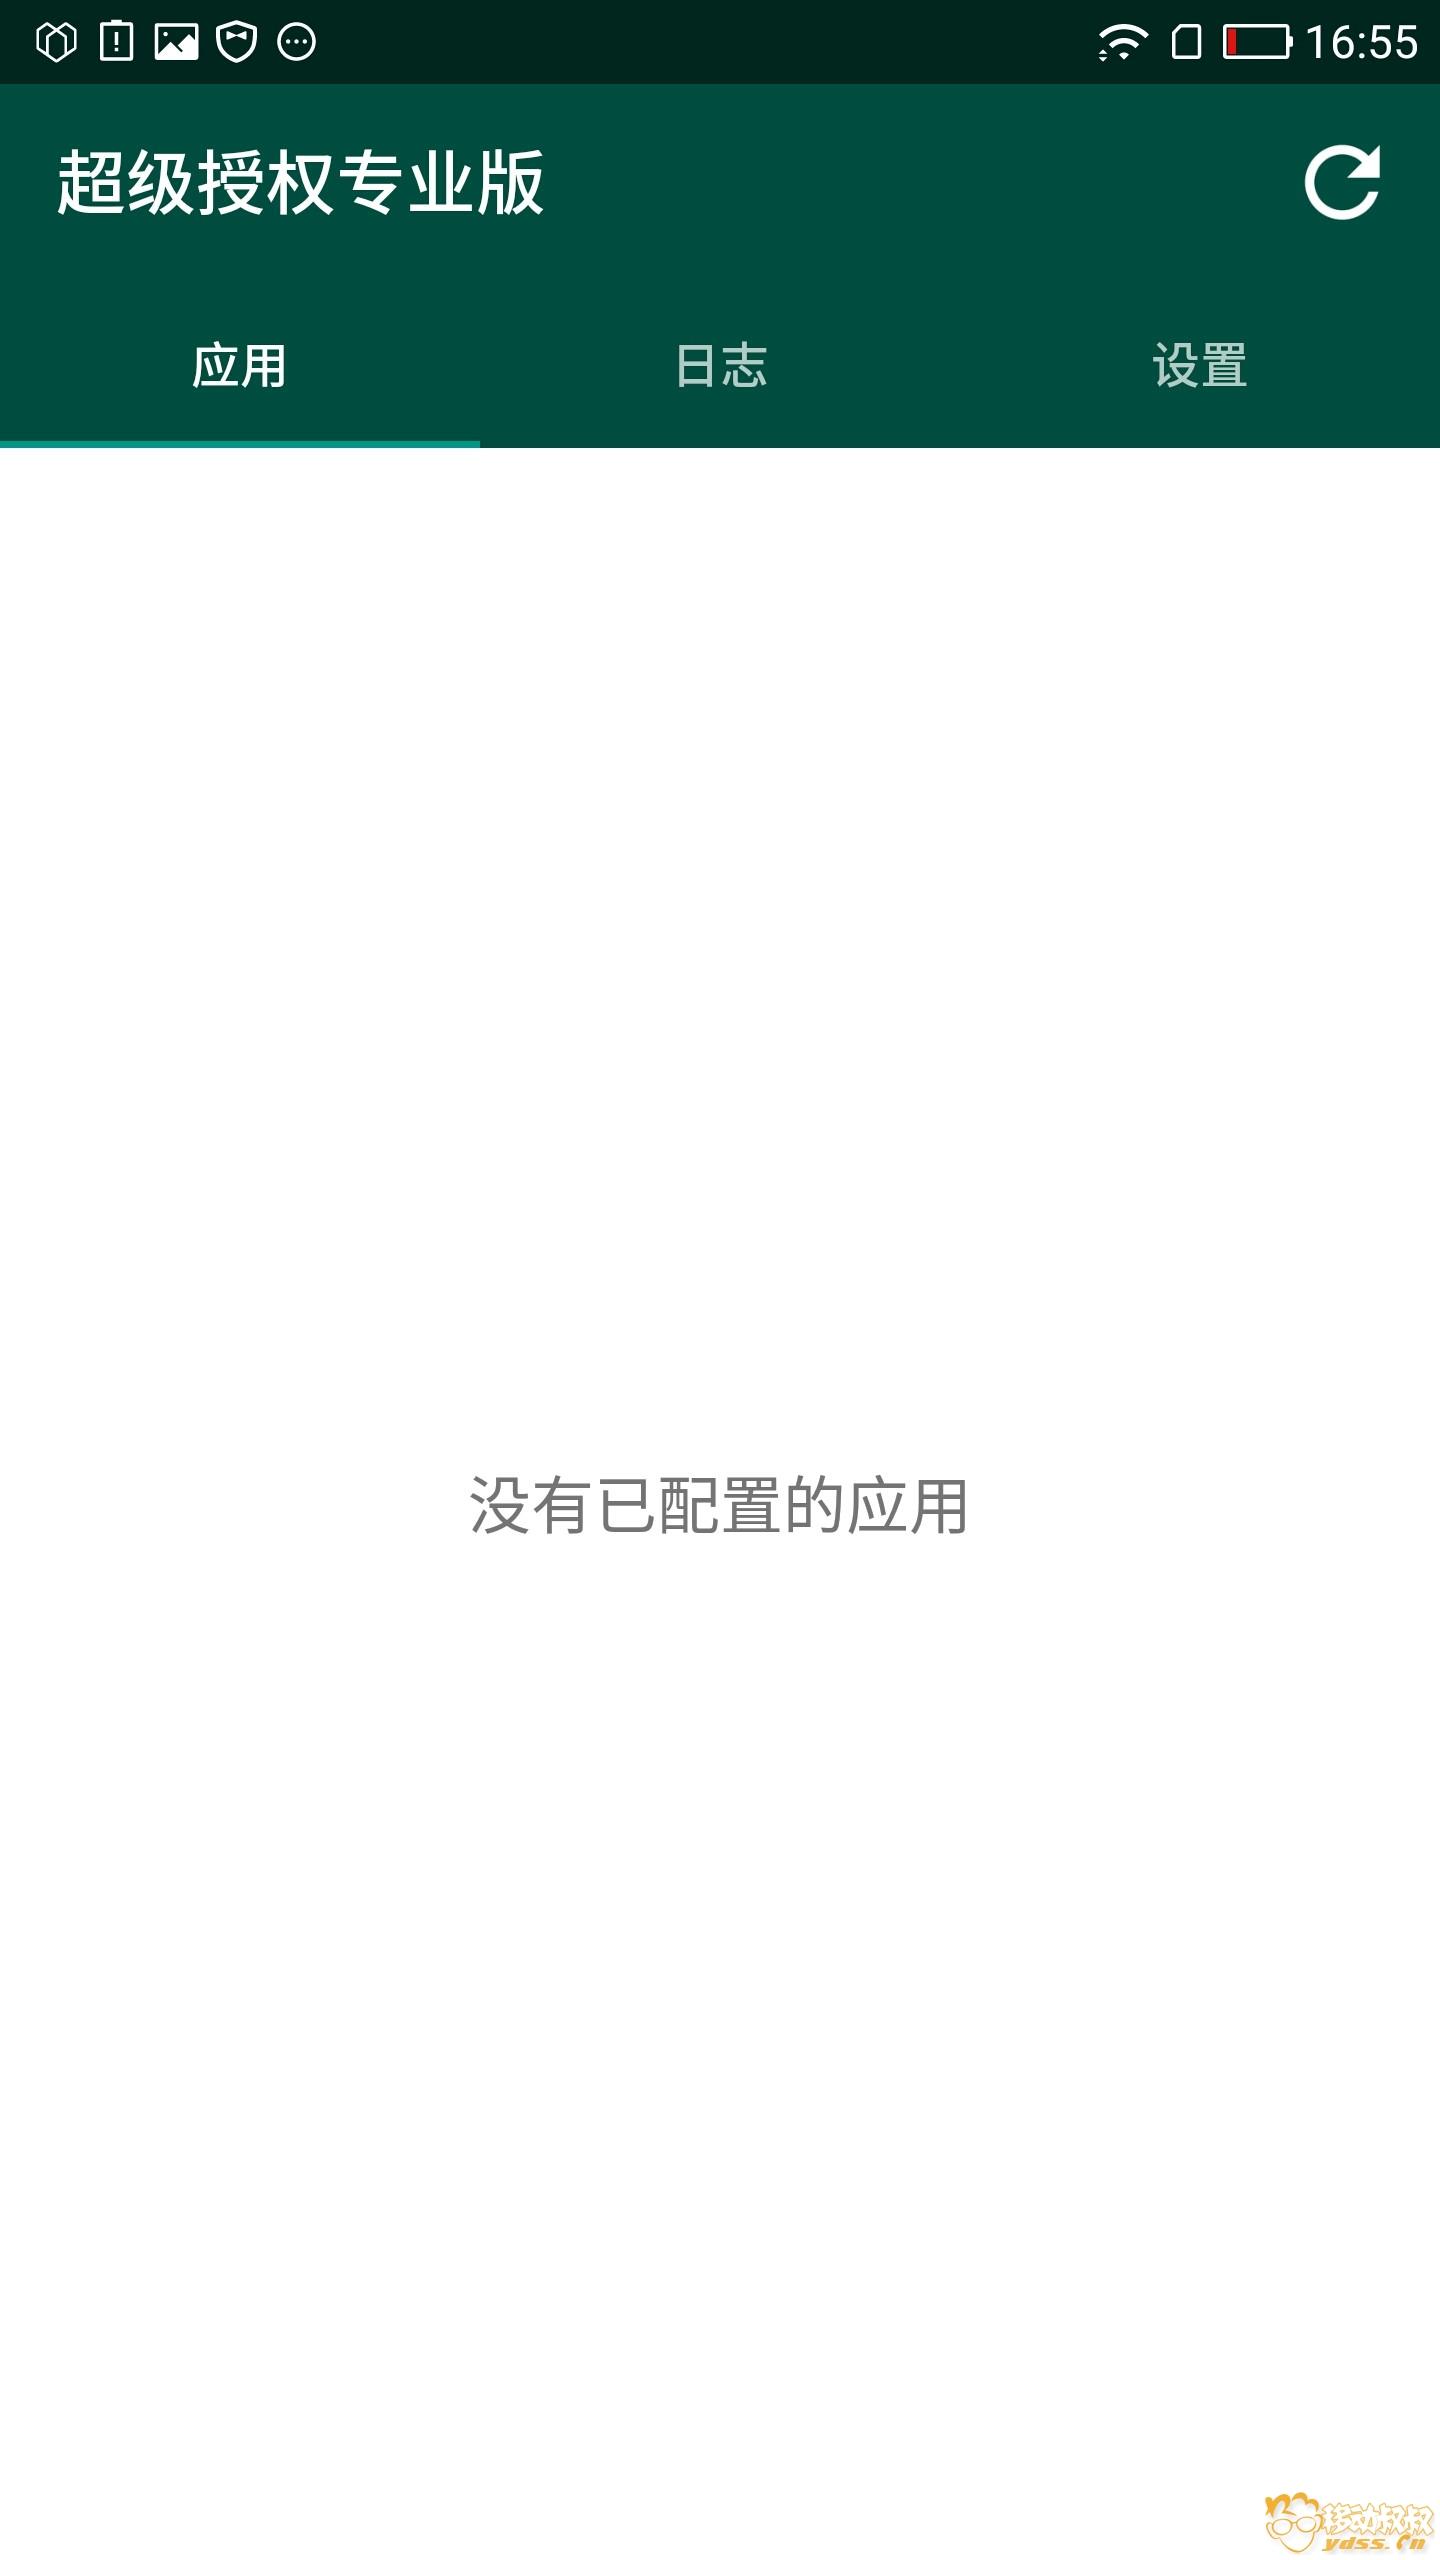 Screenshot_20190314-165551.jpg